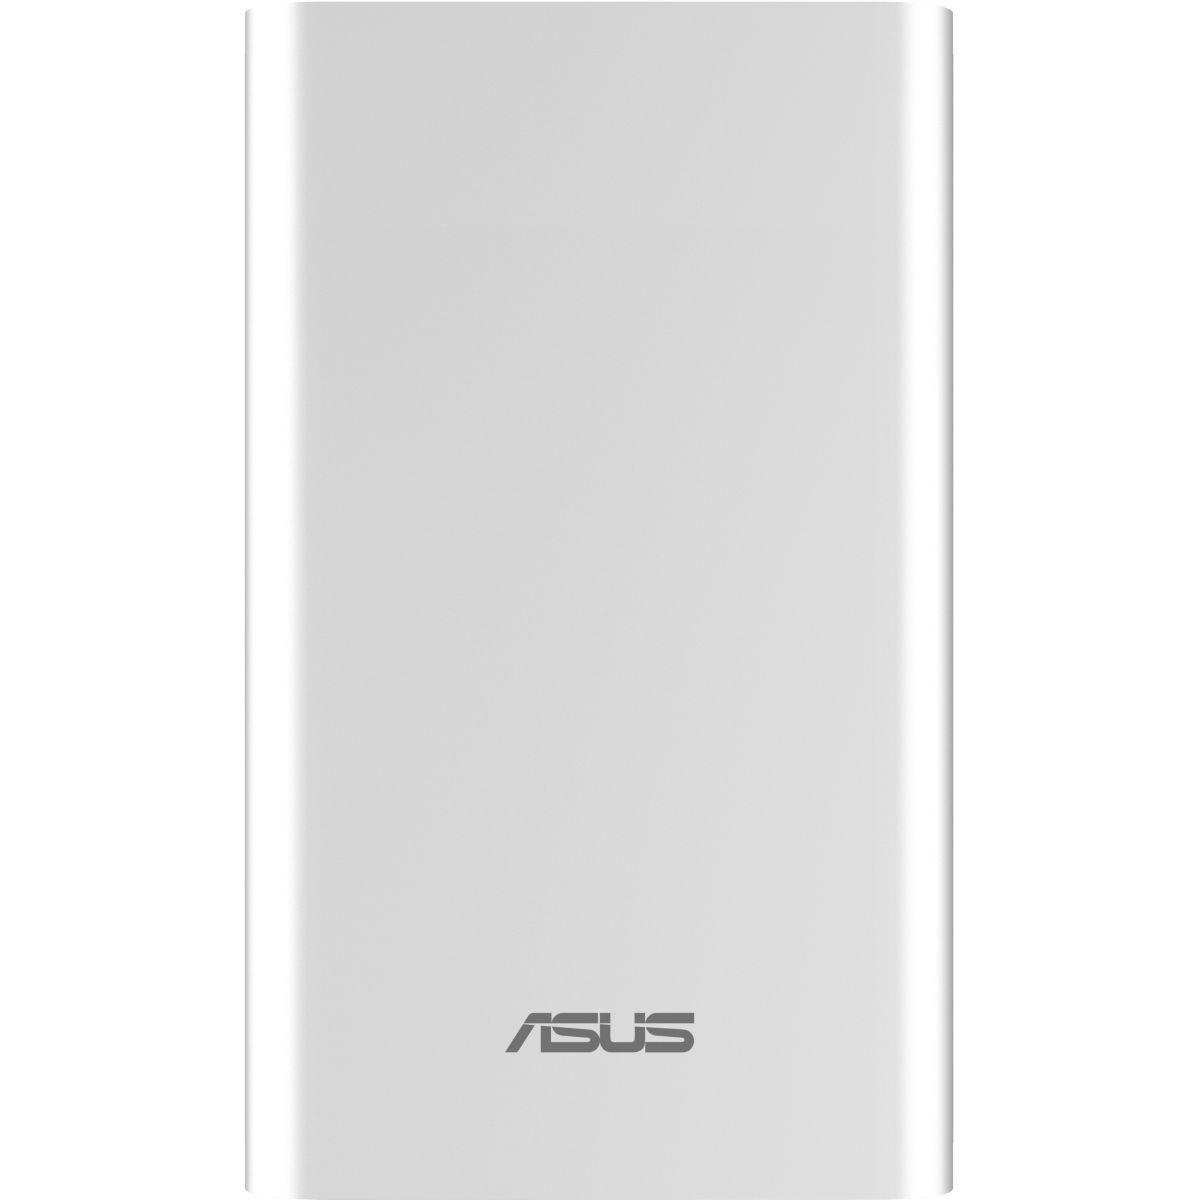 Batterie externe asus zenpower blanc 4000 mah (photo)